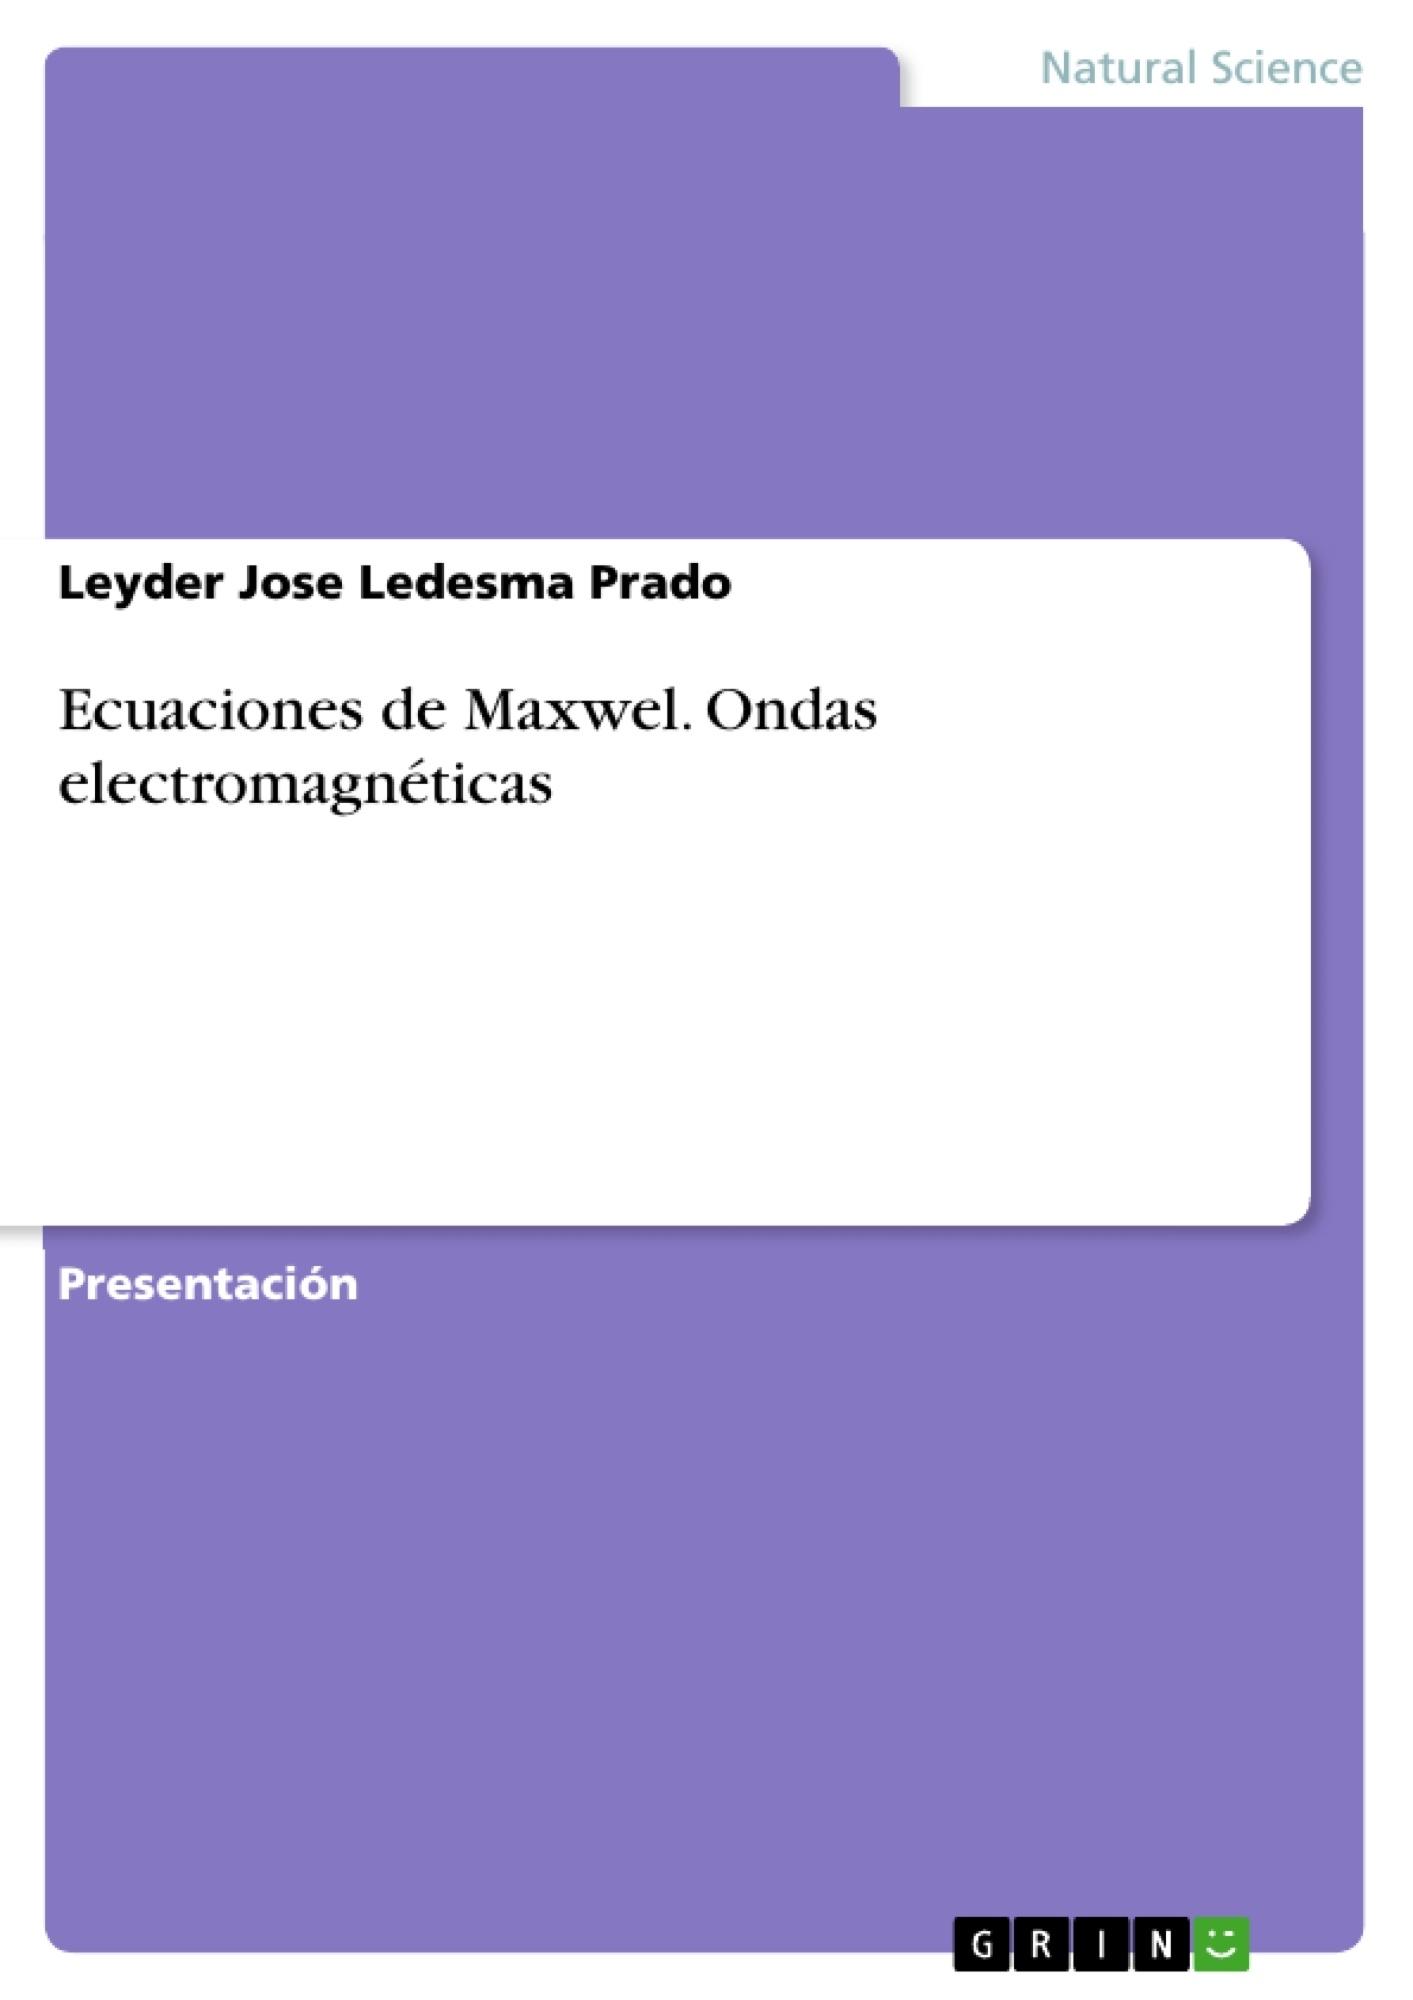 Título: Ecuaciones de Maxwel. Ondas electromagnéticas